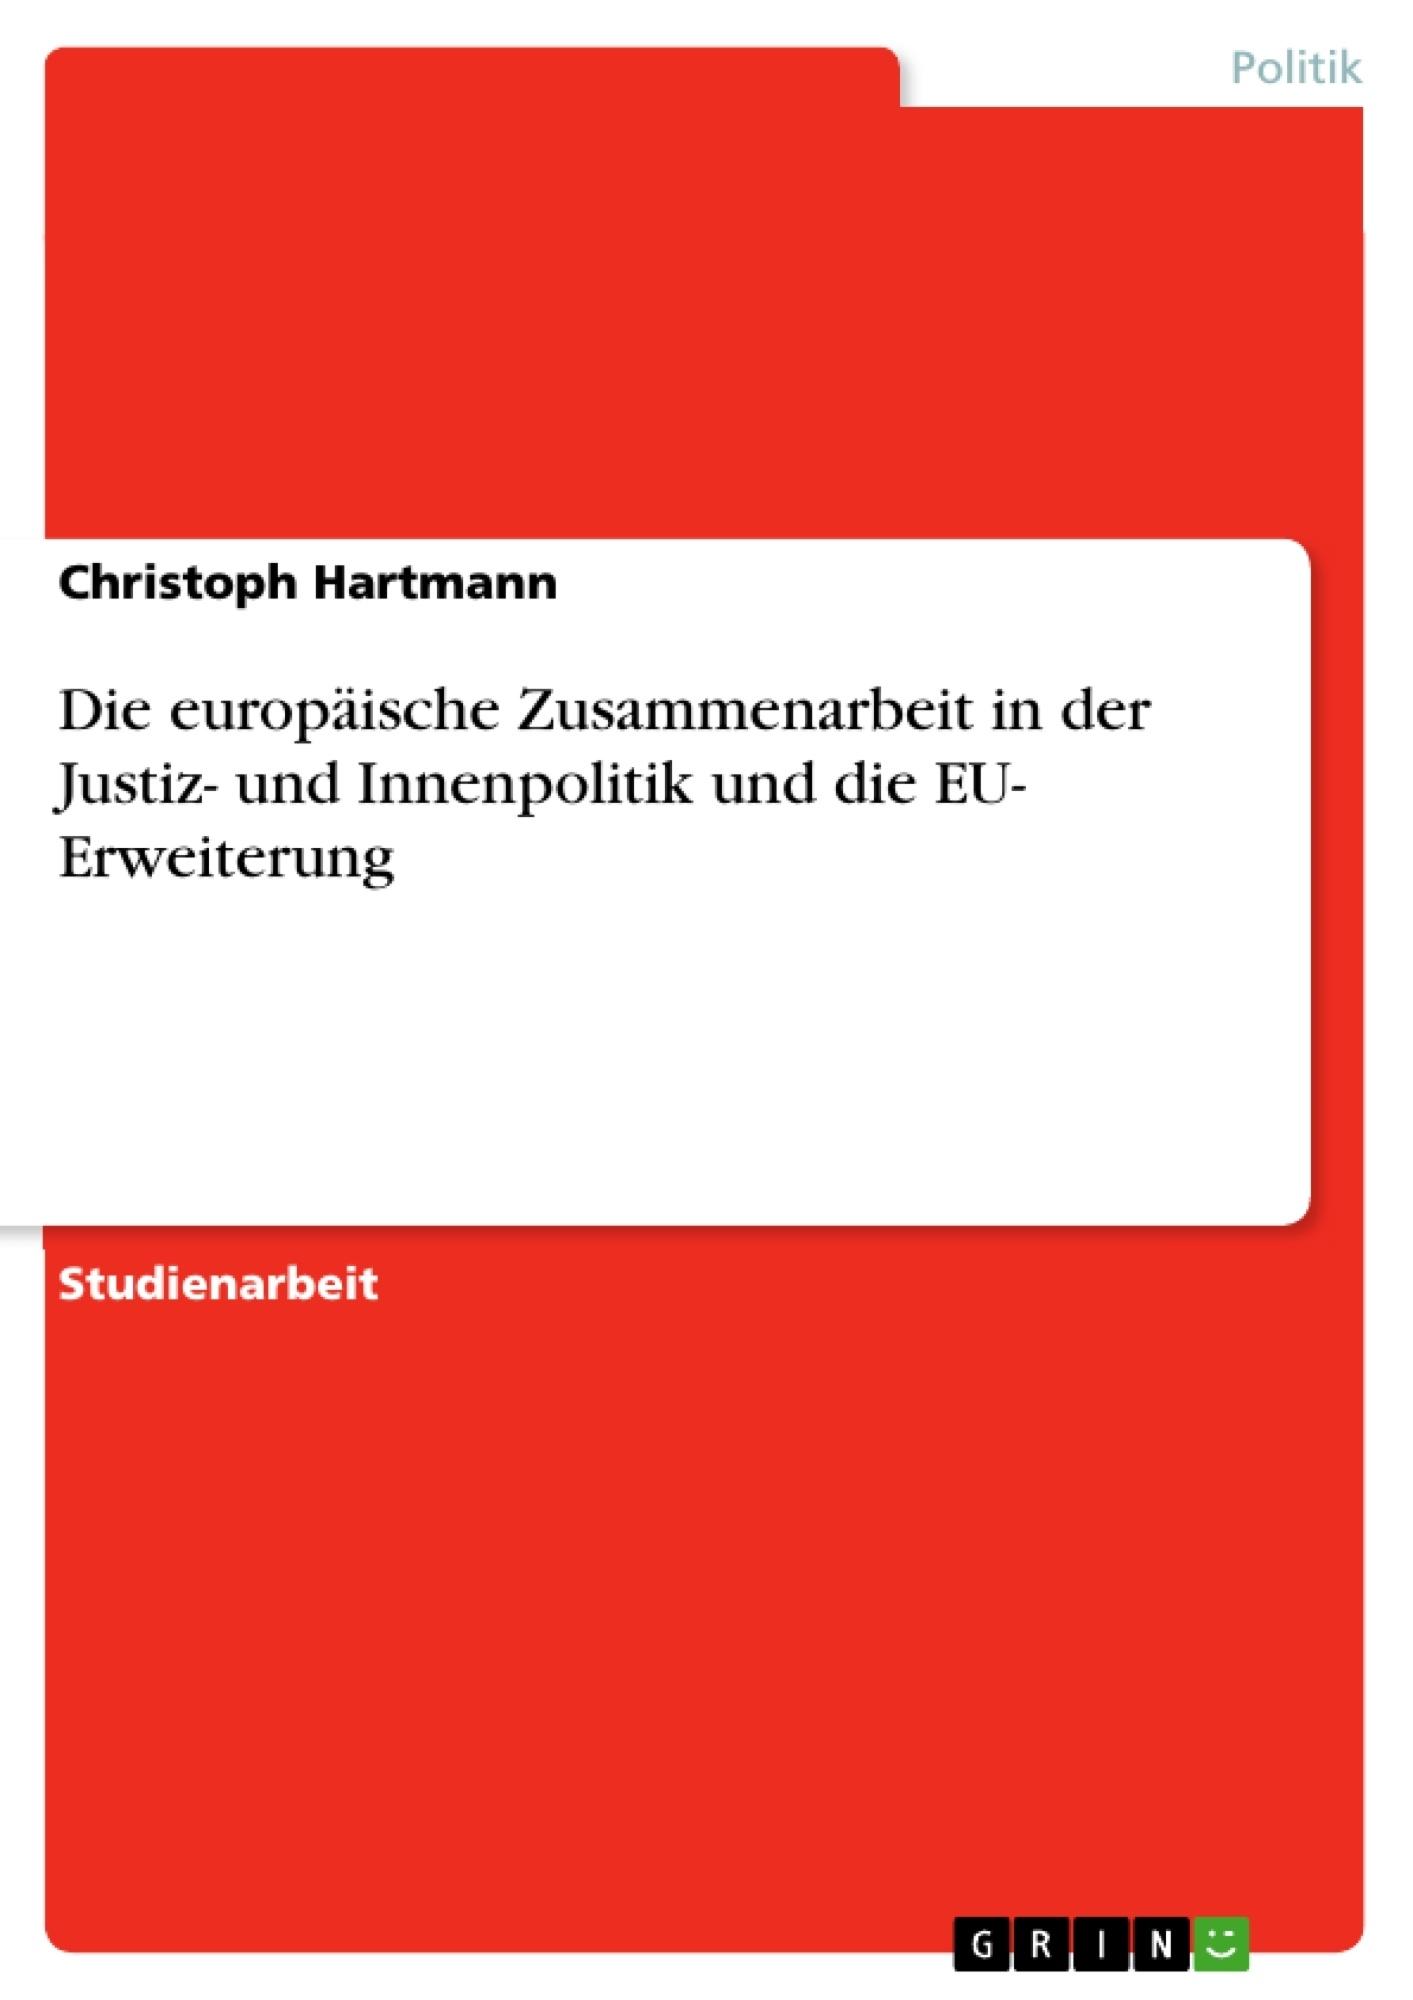 Titel: Die europäische Zusammenarbeit in der Justiz- und Innenpolitik und die EU- Erweiterung